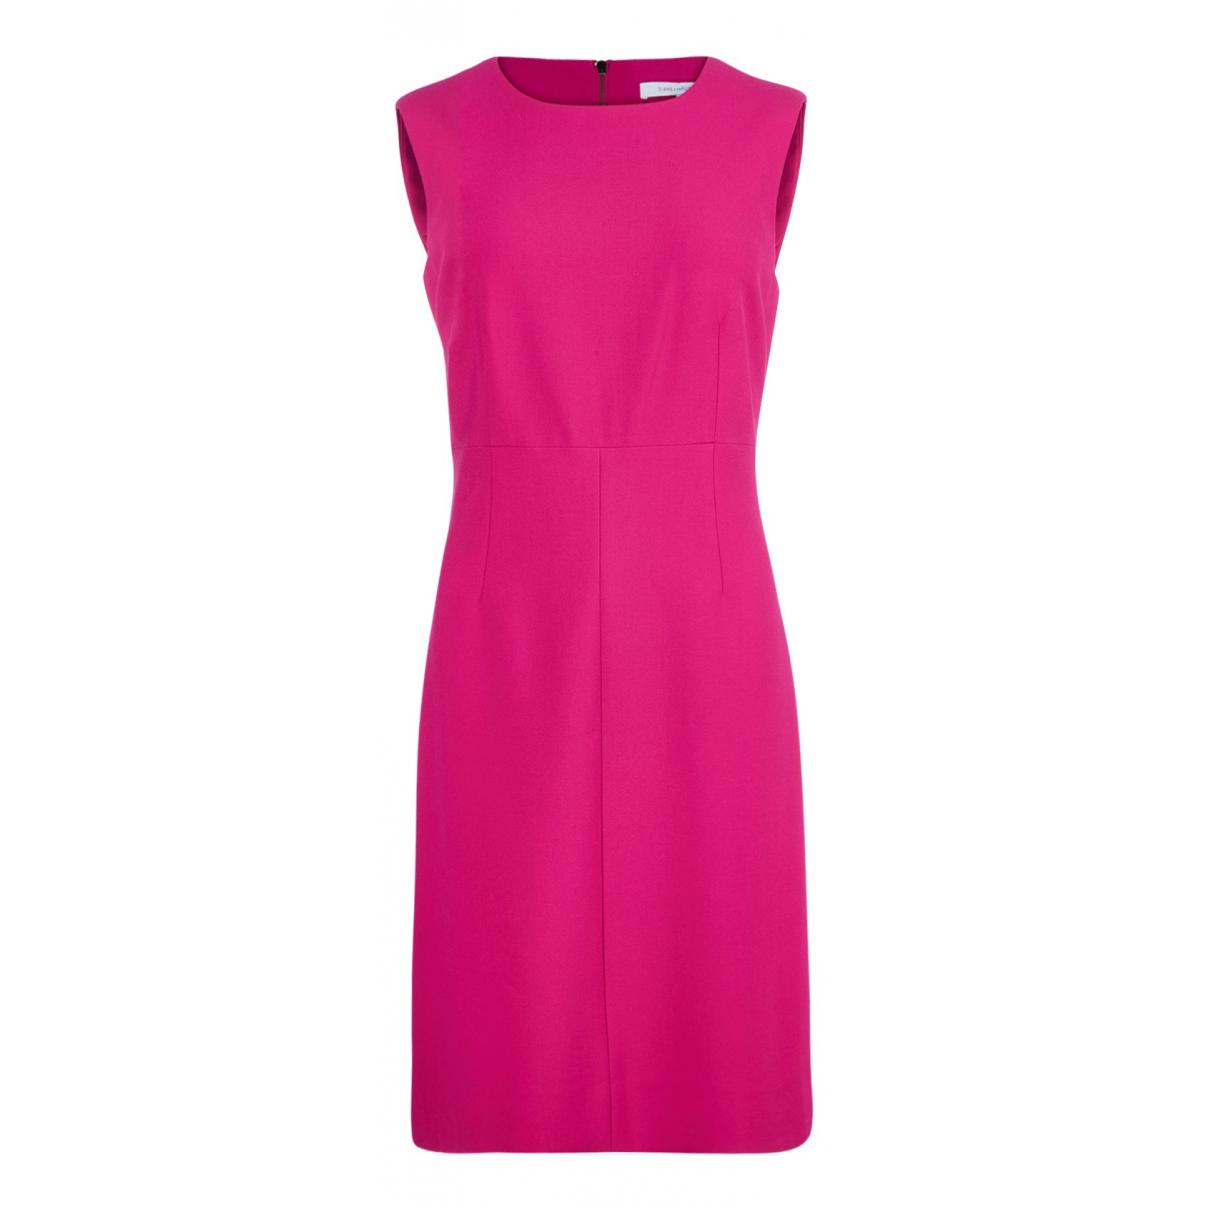 Diane Von Furstenberg N Pink dress for Women 14 UK